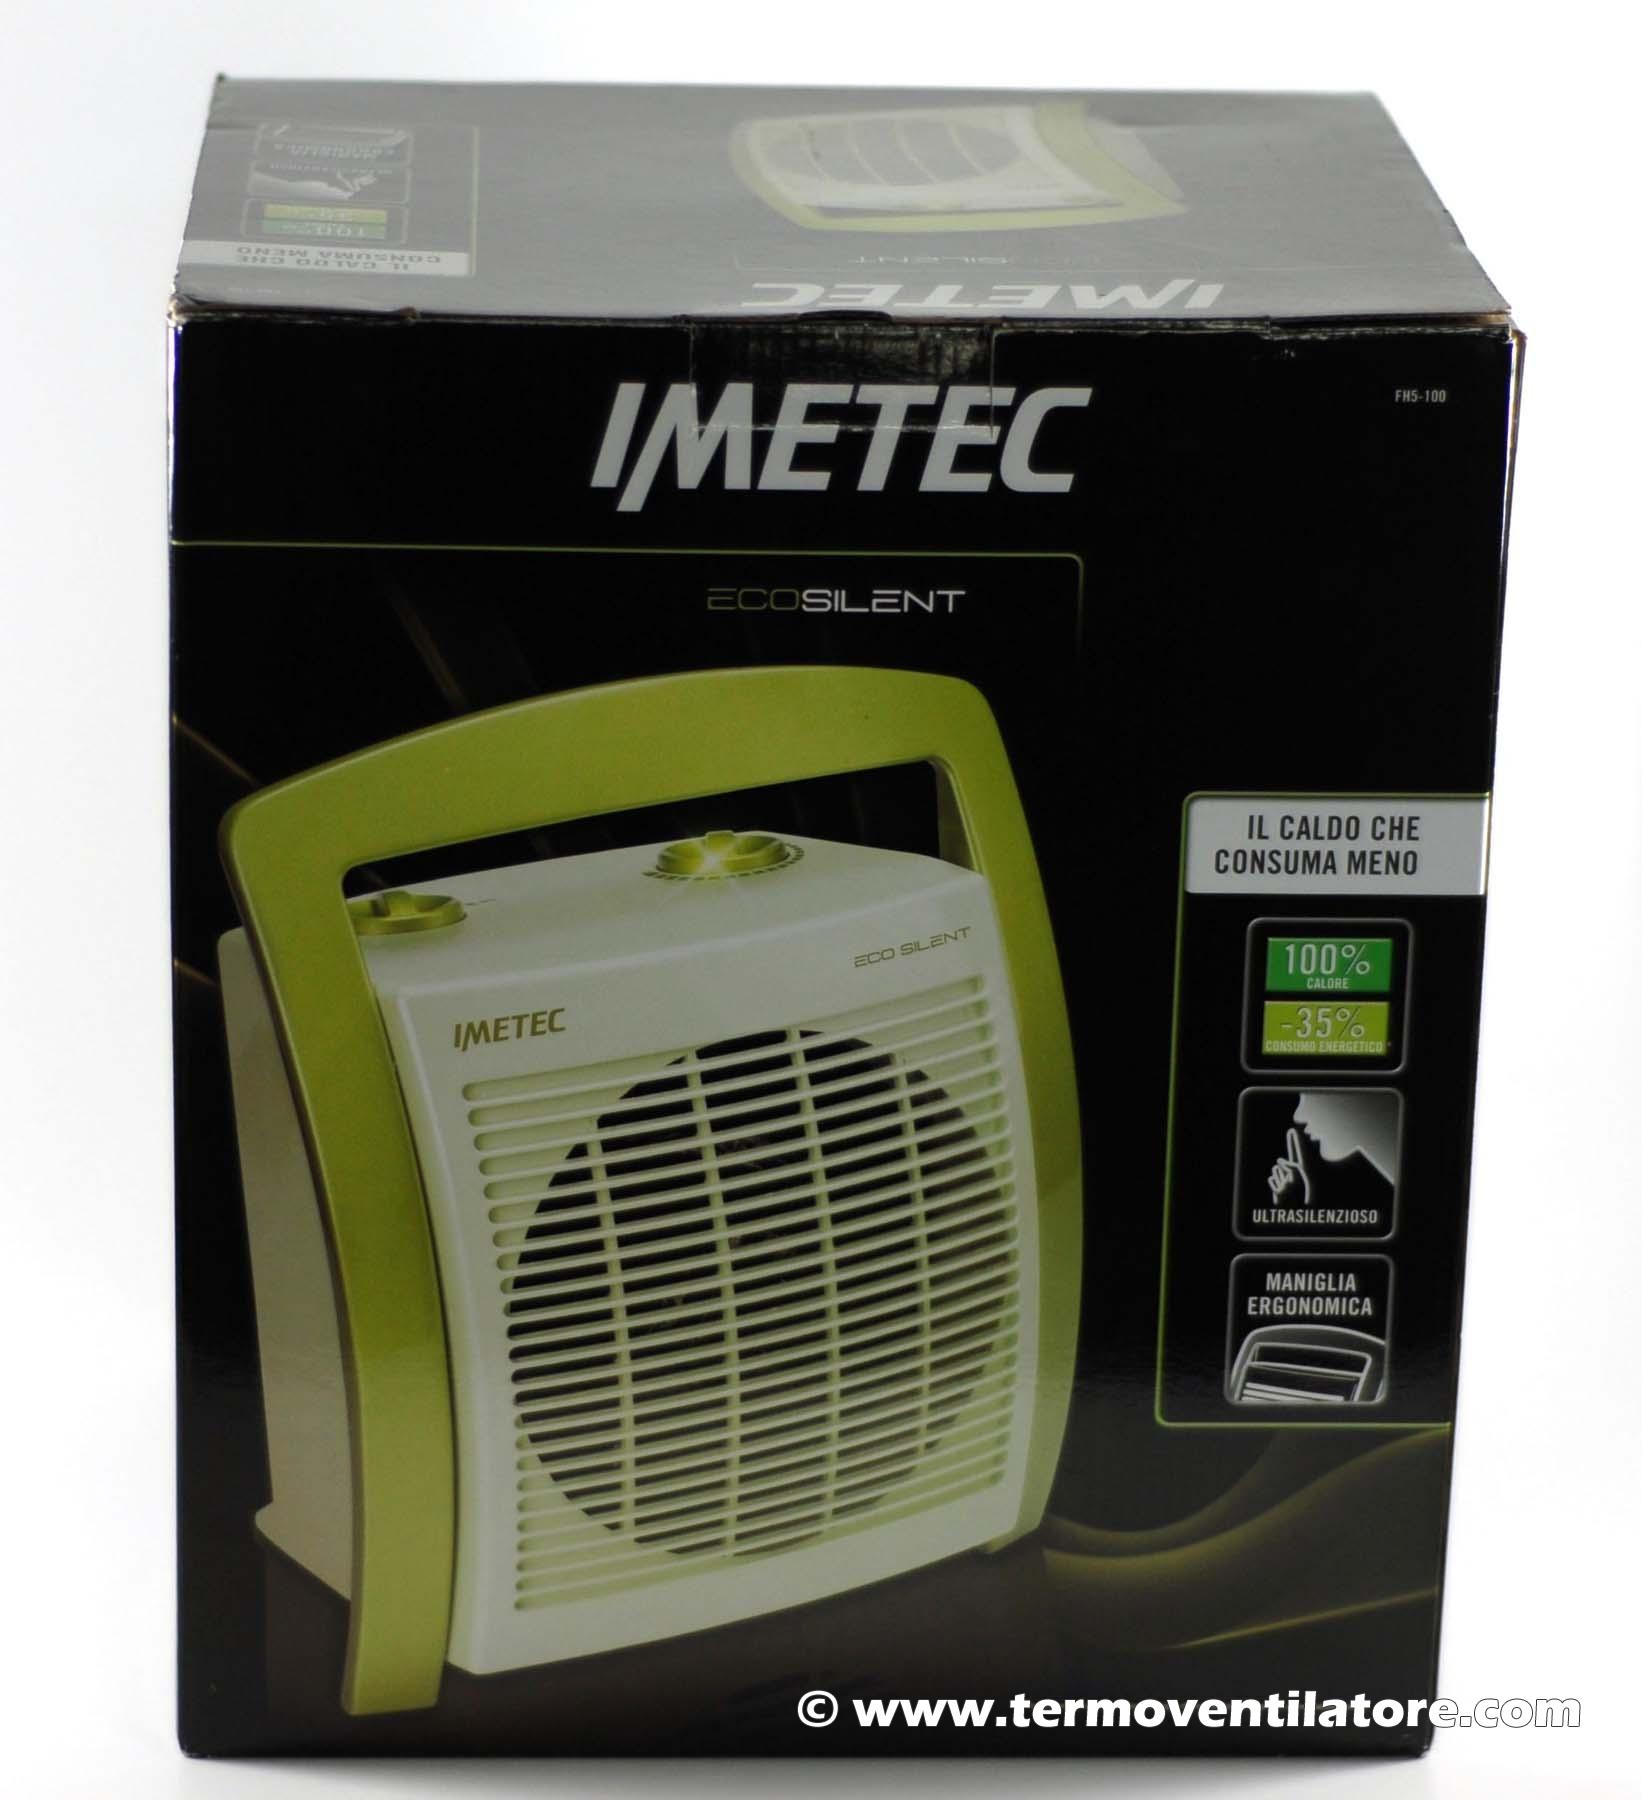 Imetec eco fh confezione with imetec for Estrattore imetec prezzo